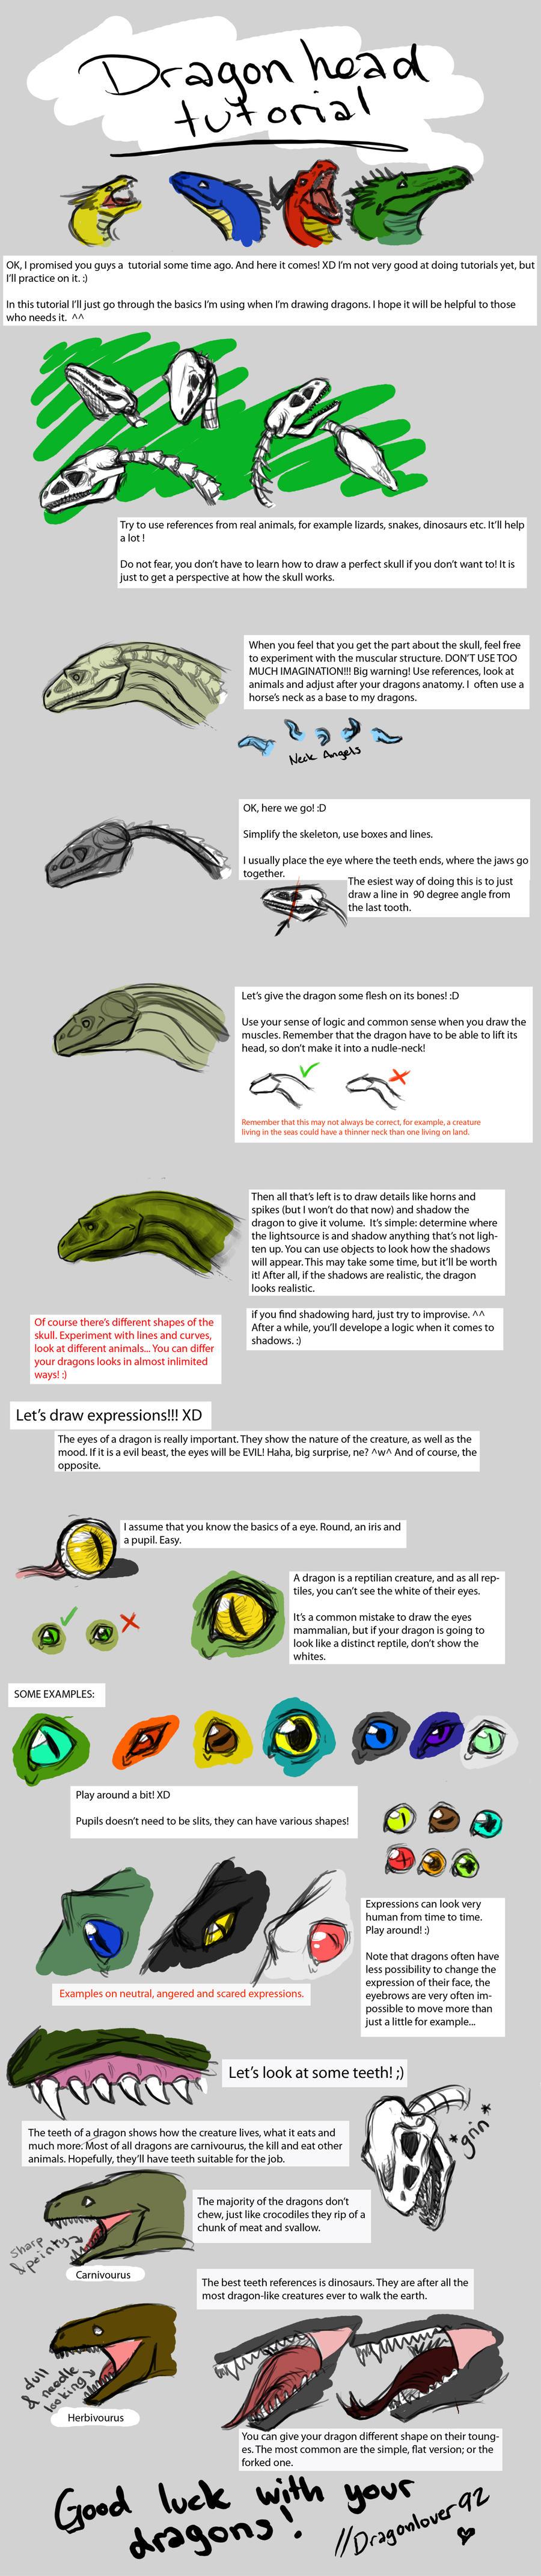 Dragon head tutorial by Dragonlover92